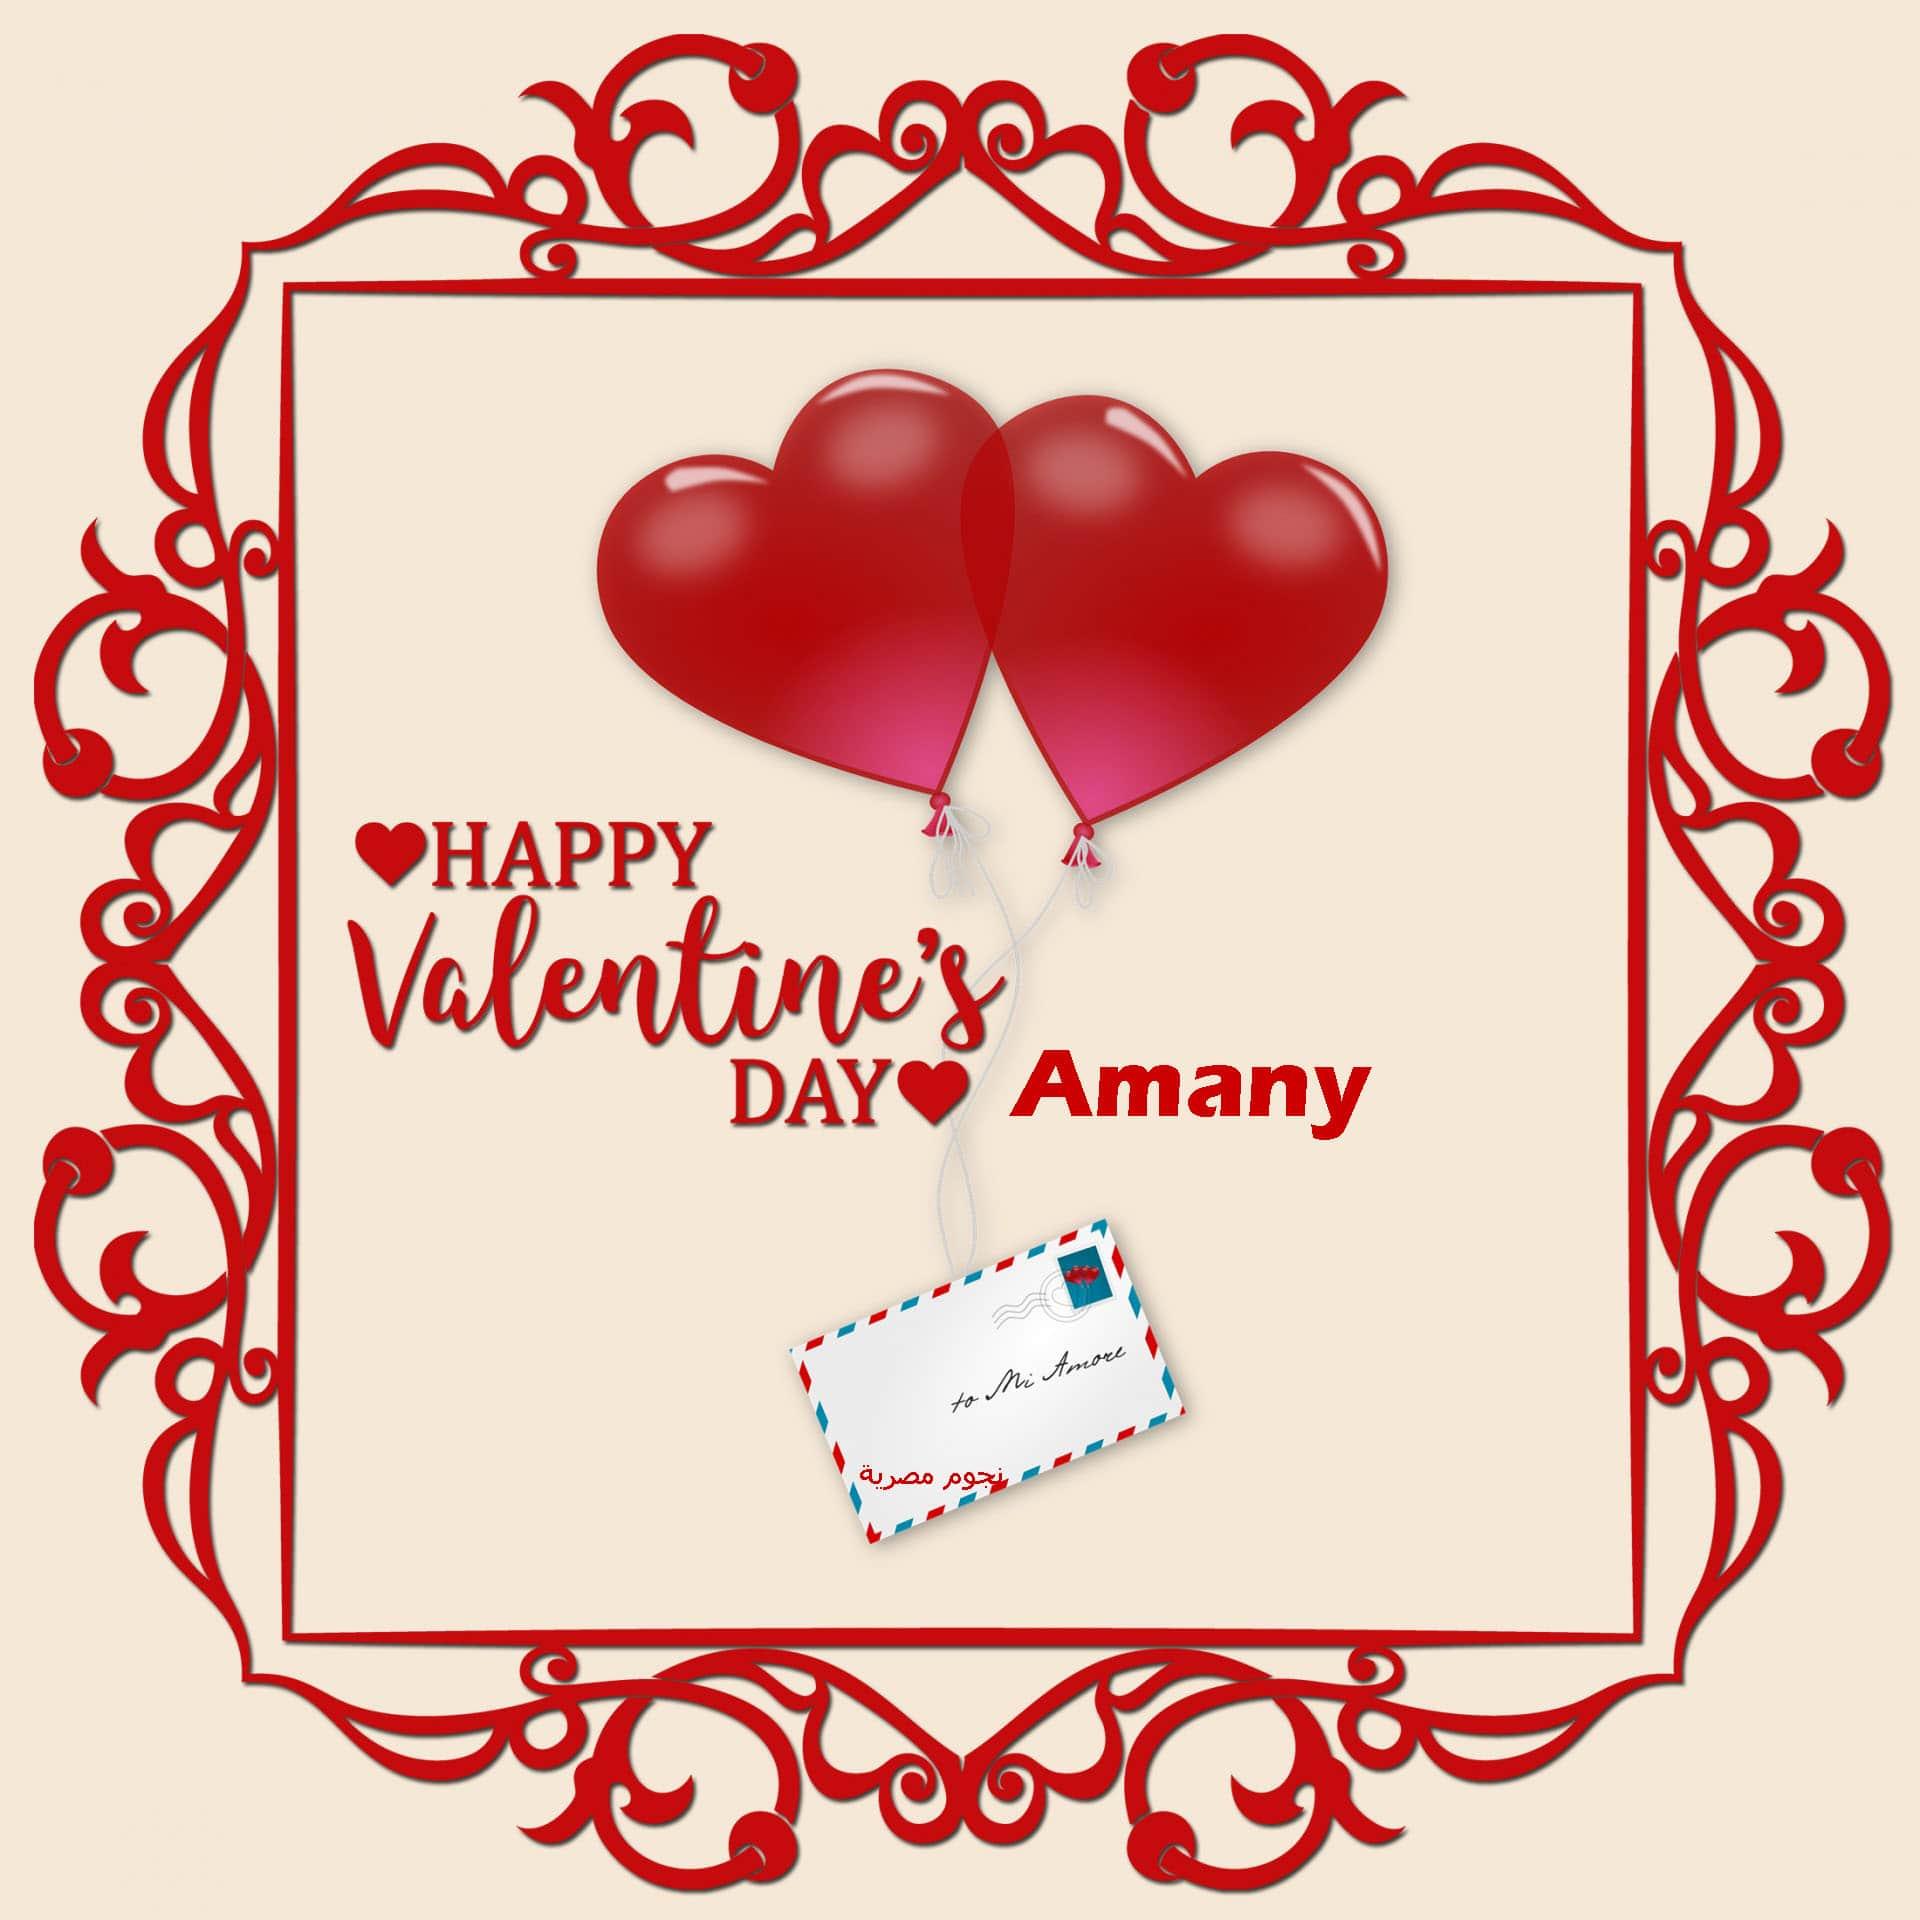 بالصور رسائل عن الحب , صور لعيد الحب 5203 6